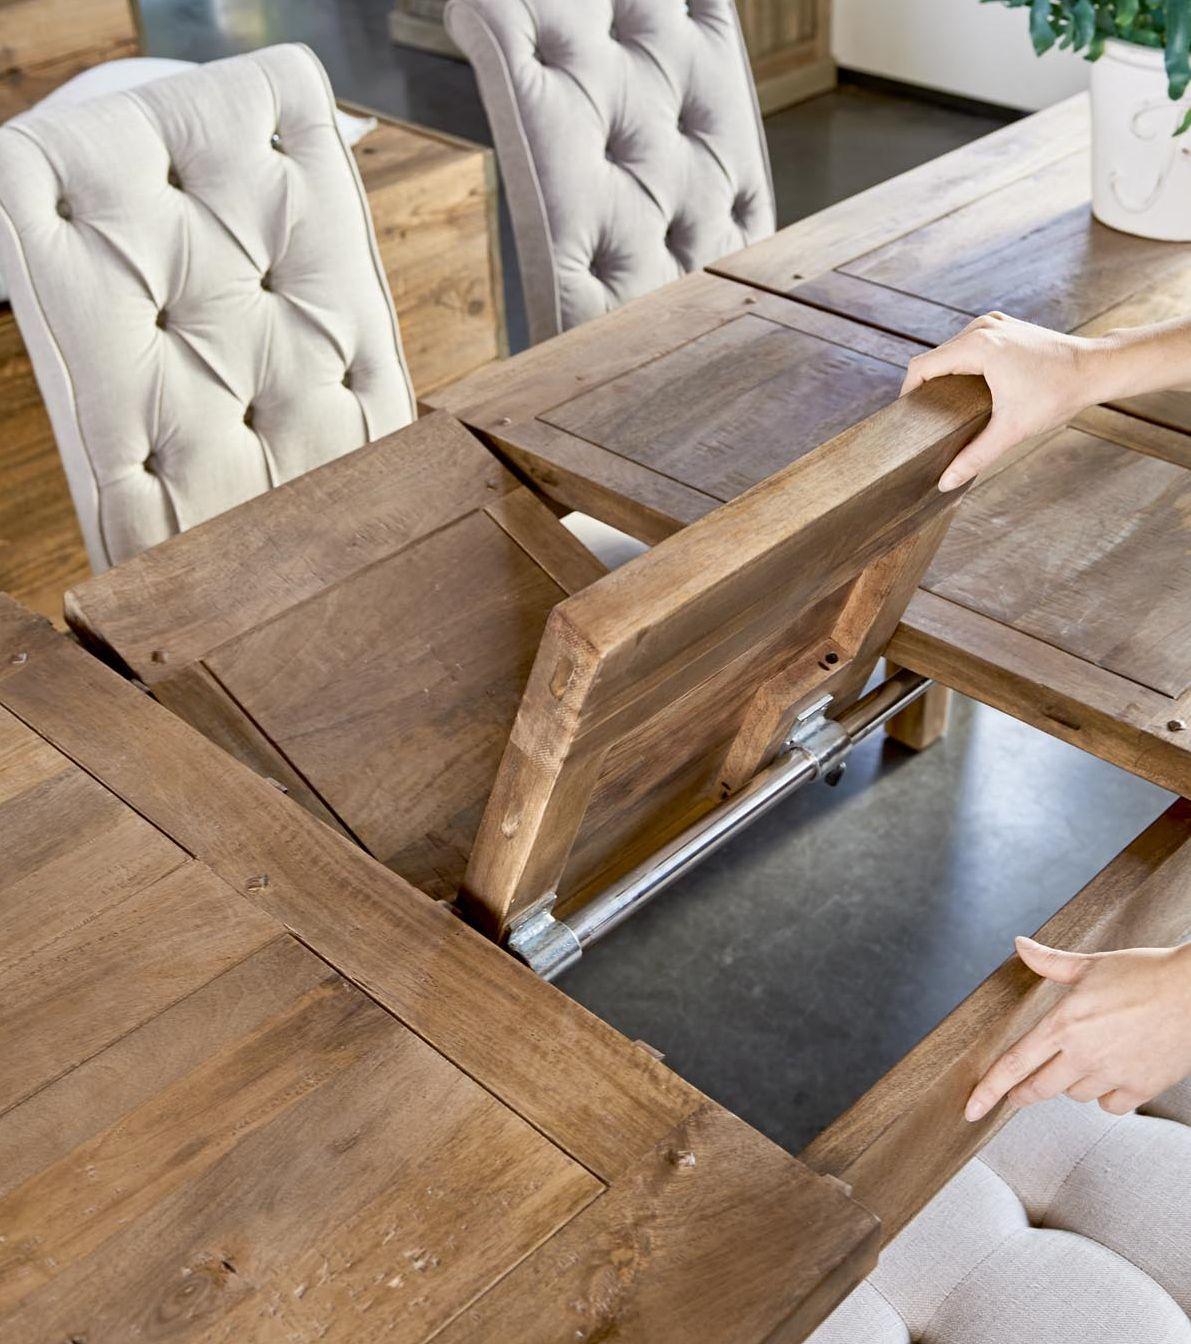 33db0790bd08 Spisebord - Beacon Hill Dining Table extendable 310x100 cm, french grey  BESTILLINGSVARER